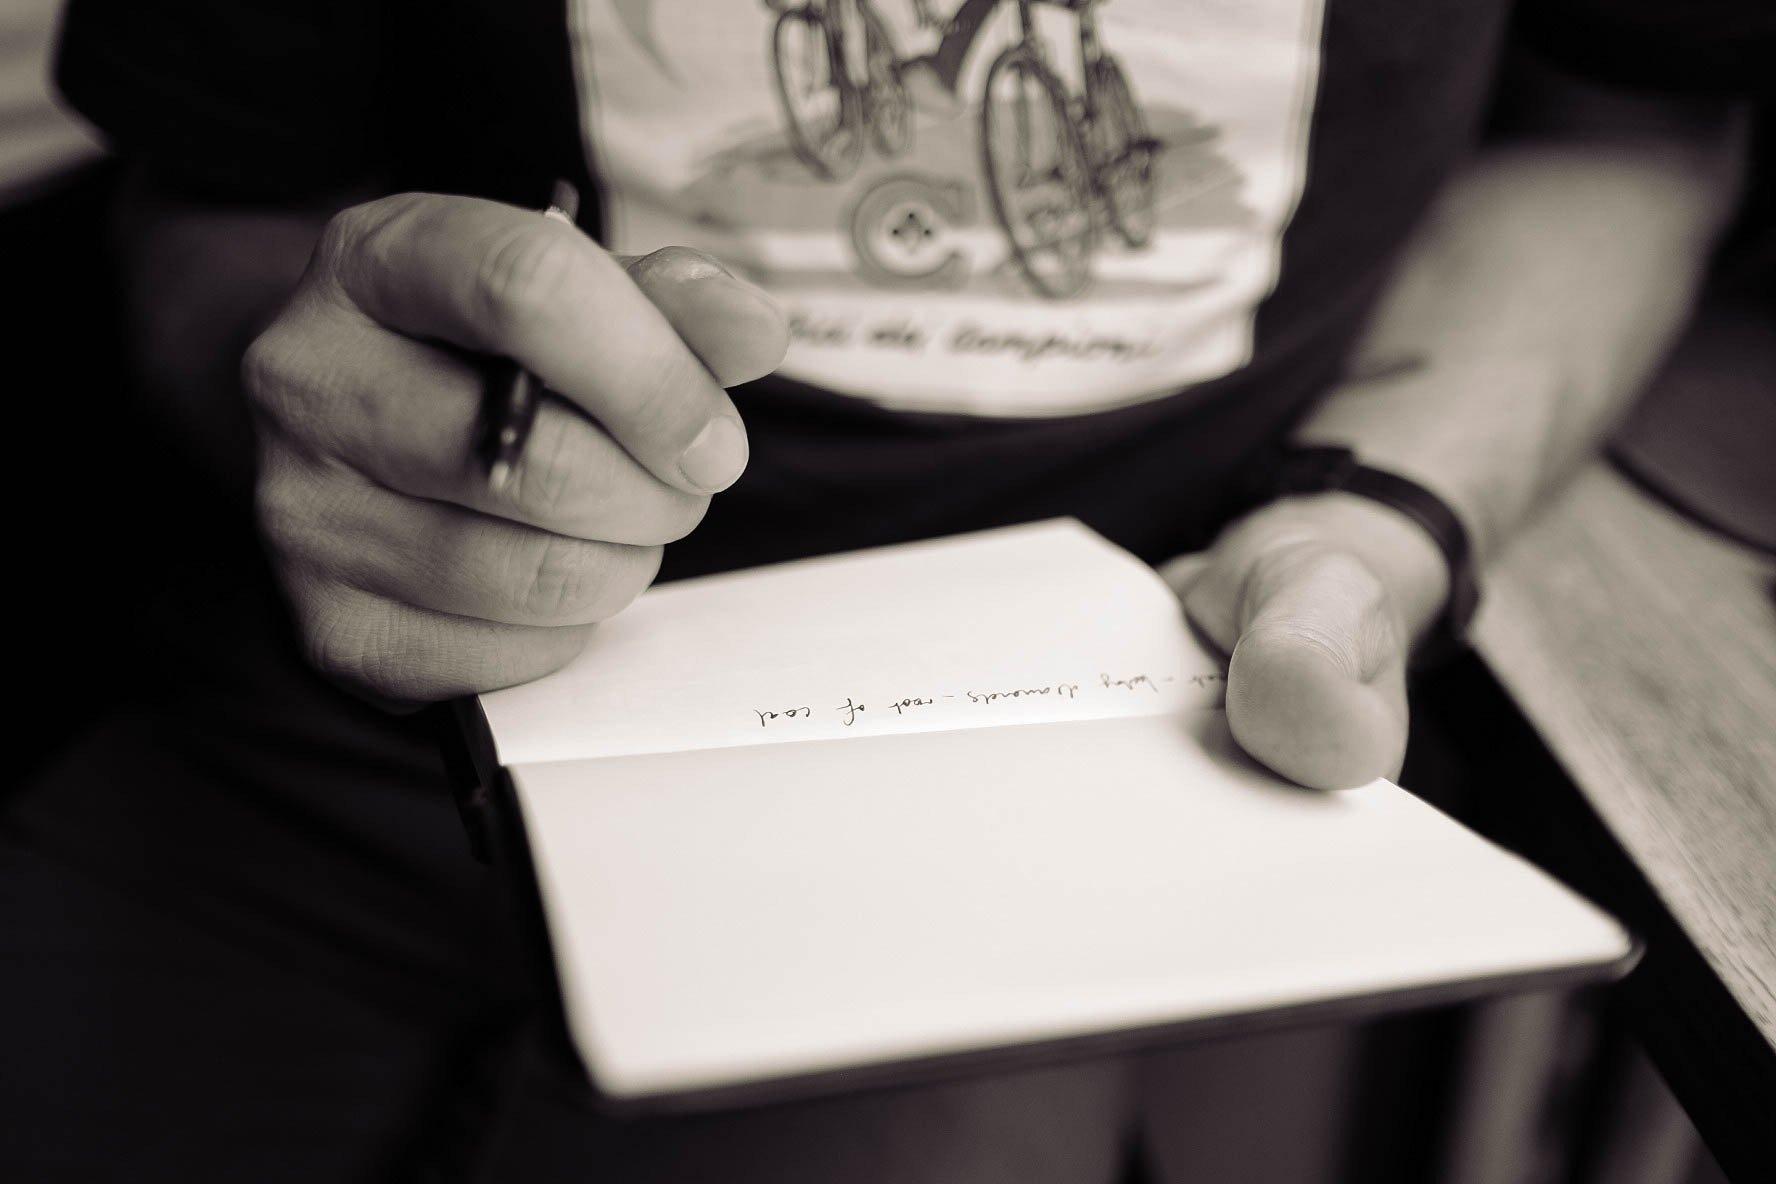 Mein Wochentliches Dankbarkeits Tagebuch 3